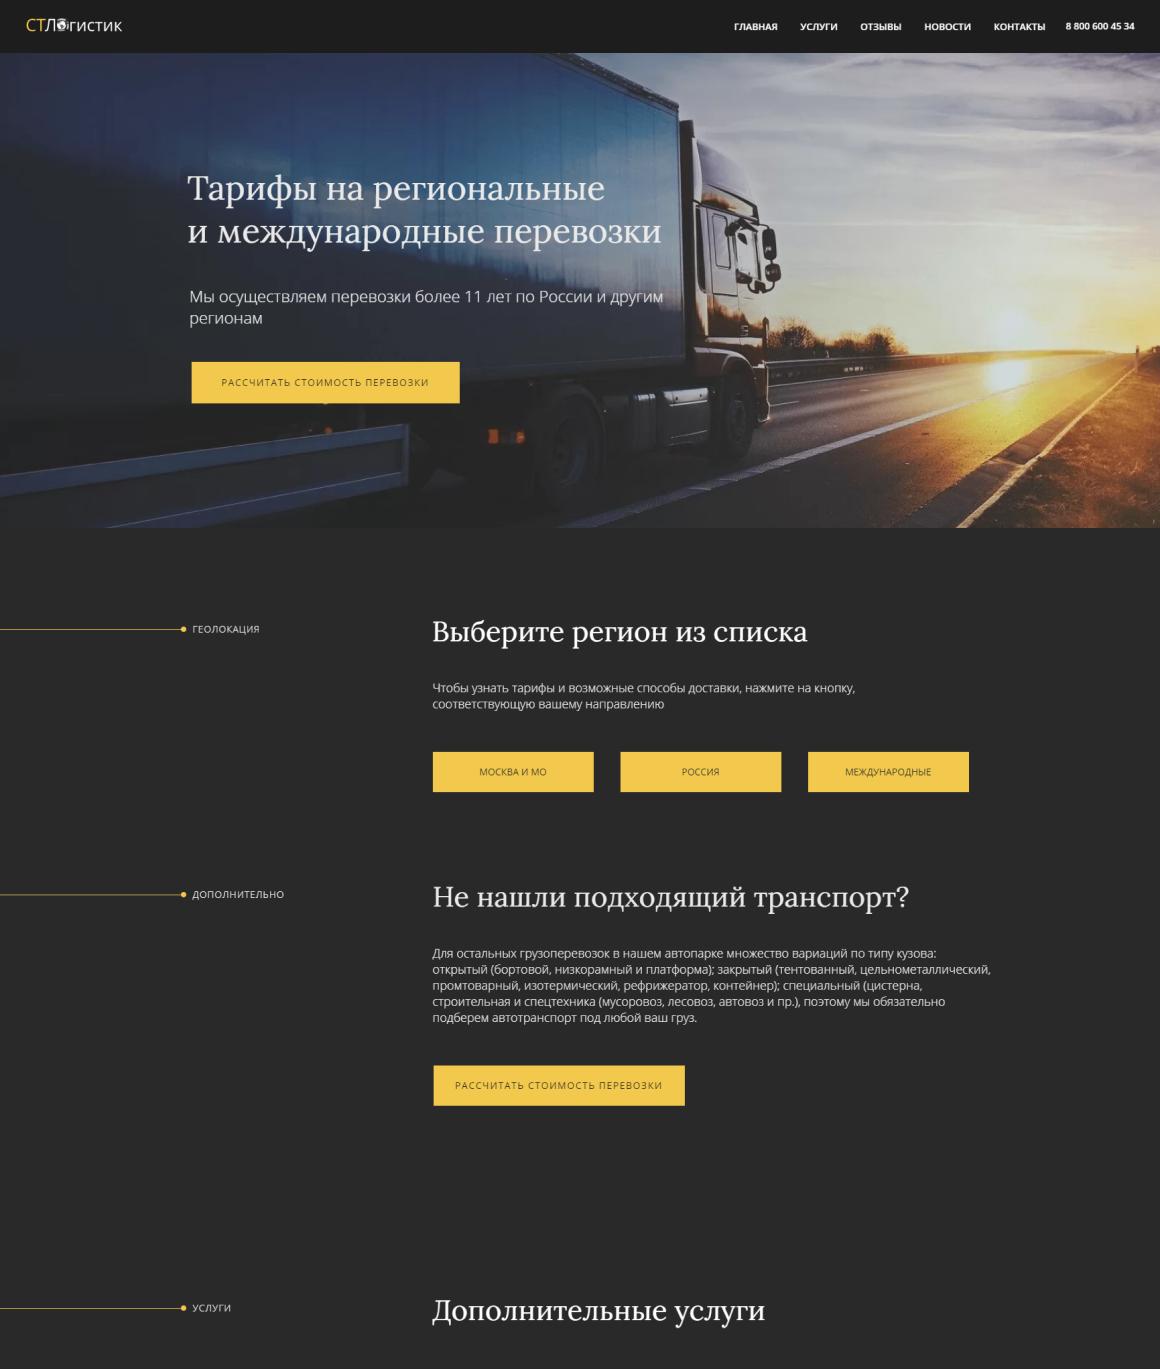 Сайт транспортных компаний краснодара сайт рекламное агентство продвижение